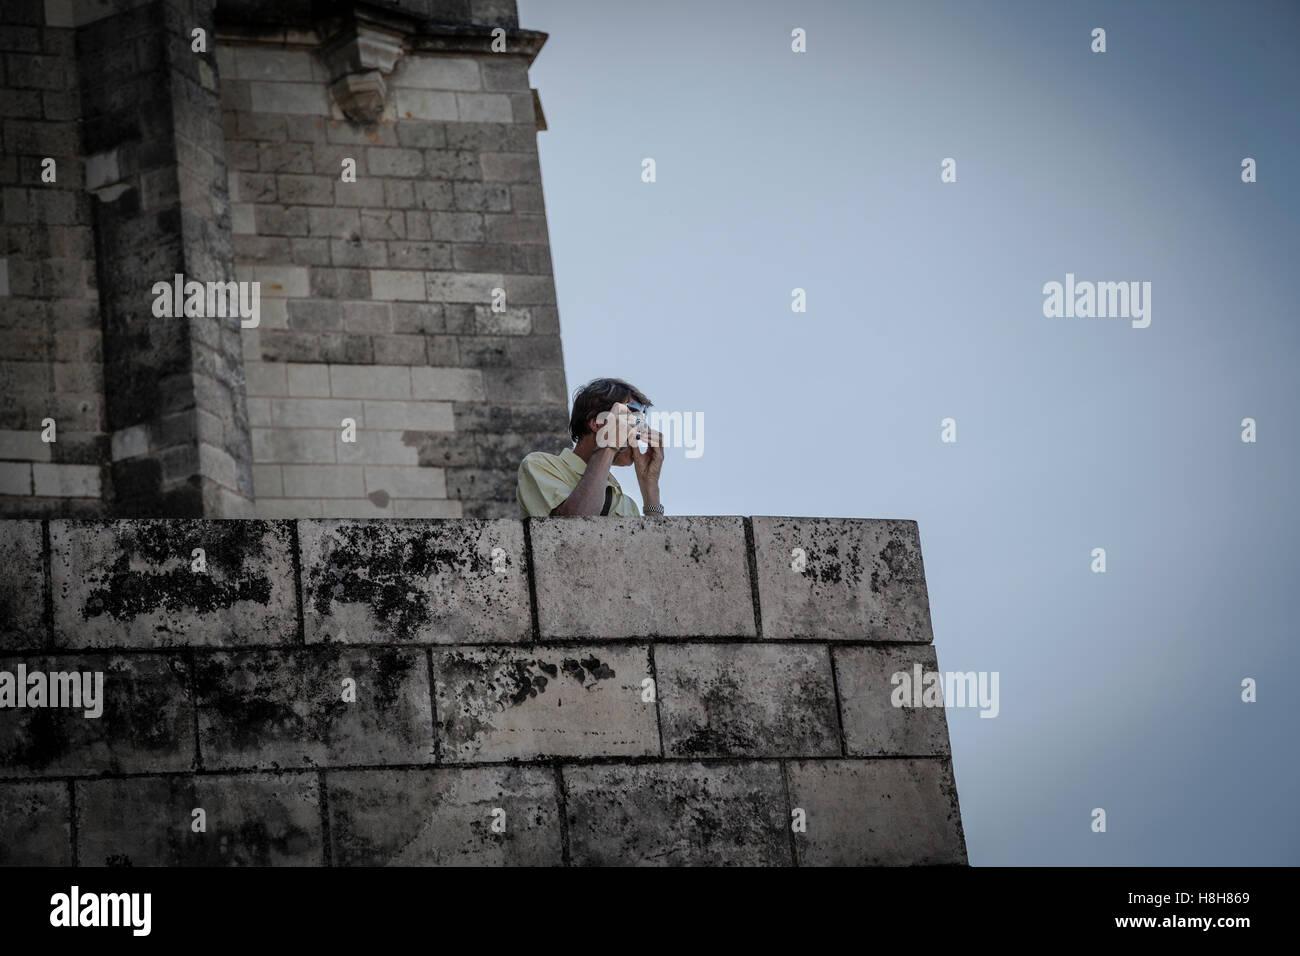 L'uomo traveler è fare foto con punto e sparare fotocamera di un antica città di Amboise, La Loire, Immagini Stock